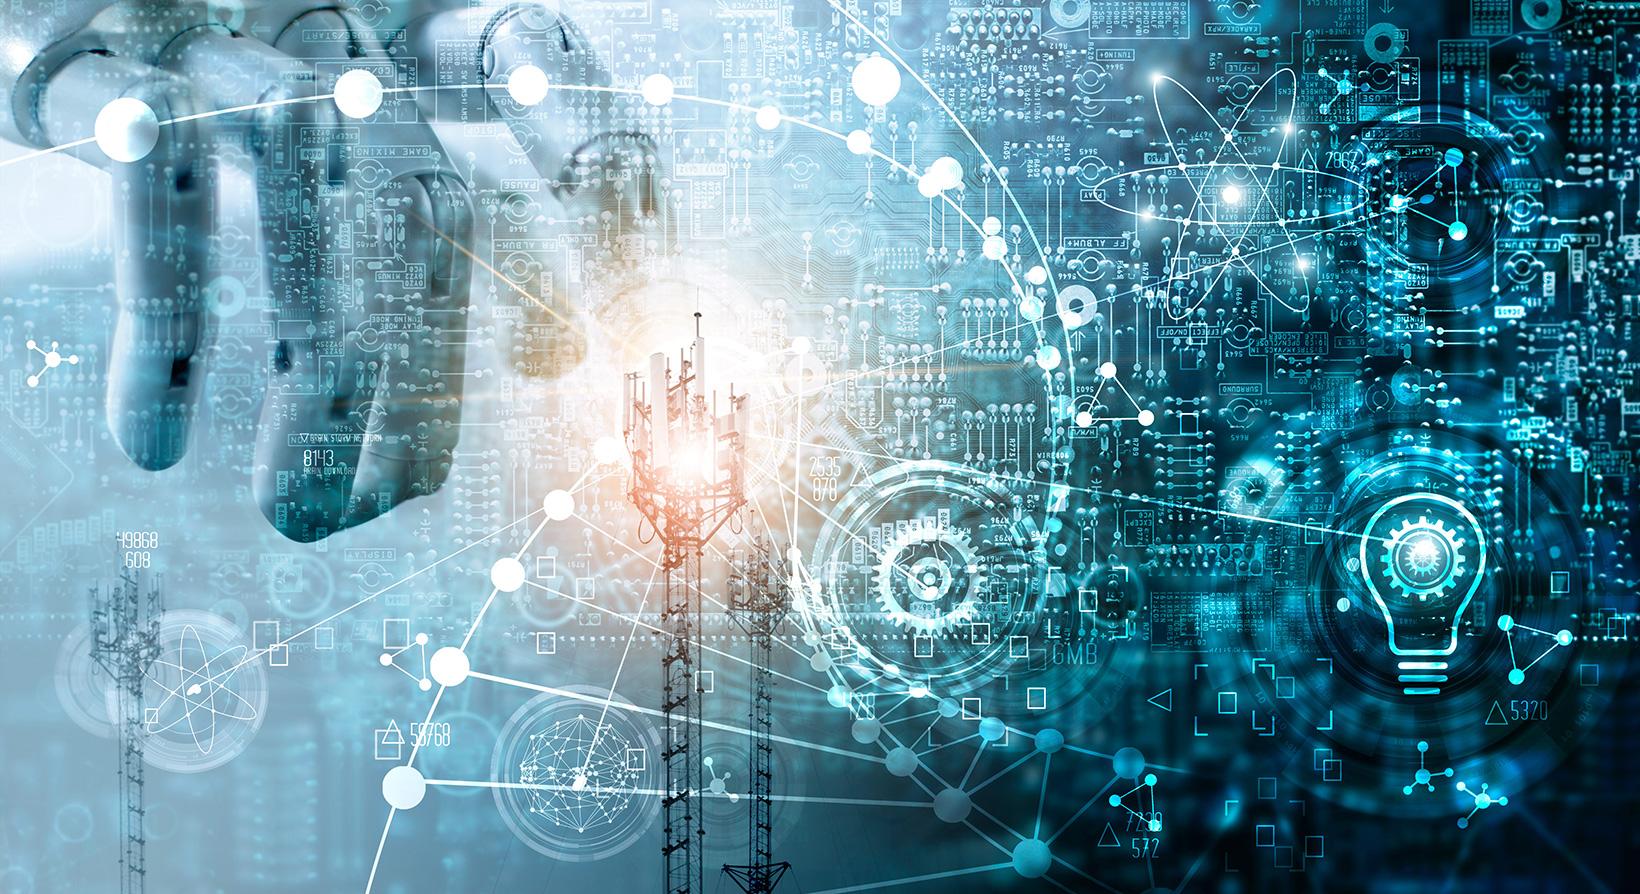 国产边缘AI芯片落地人工智能领域风向